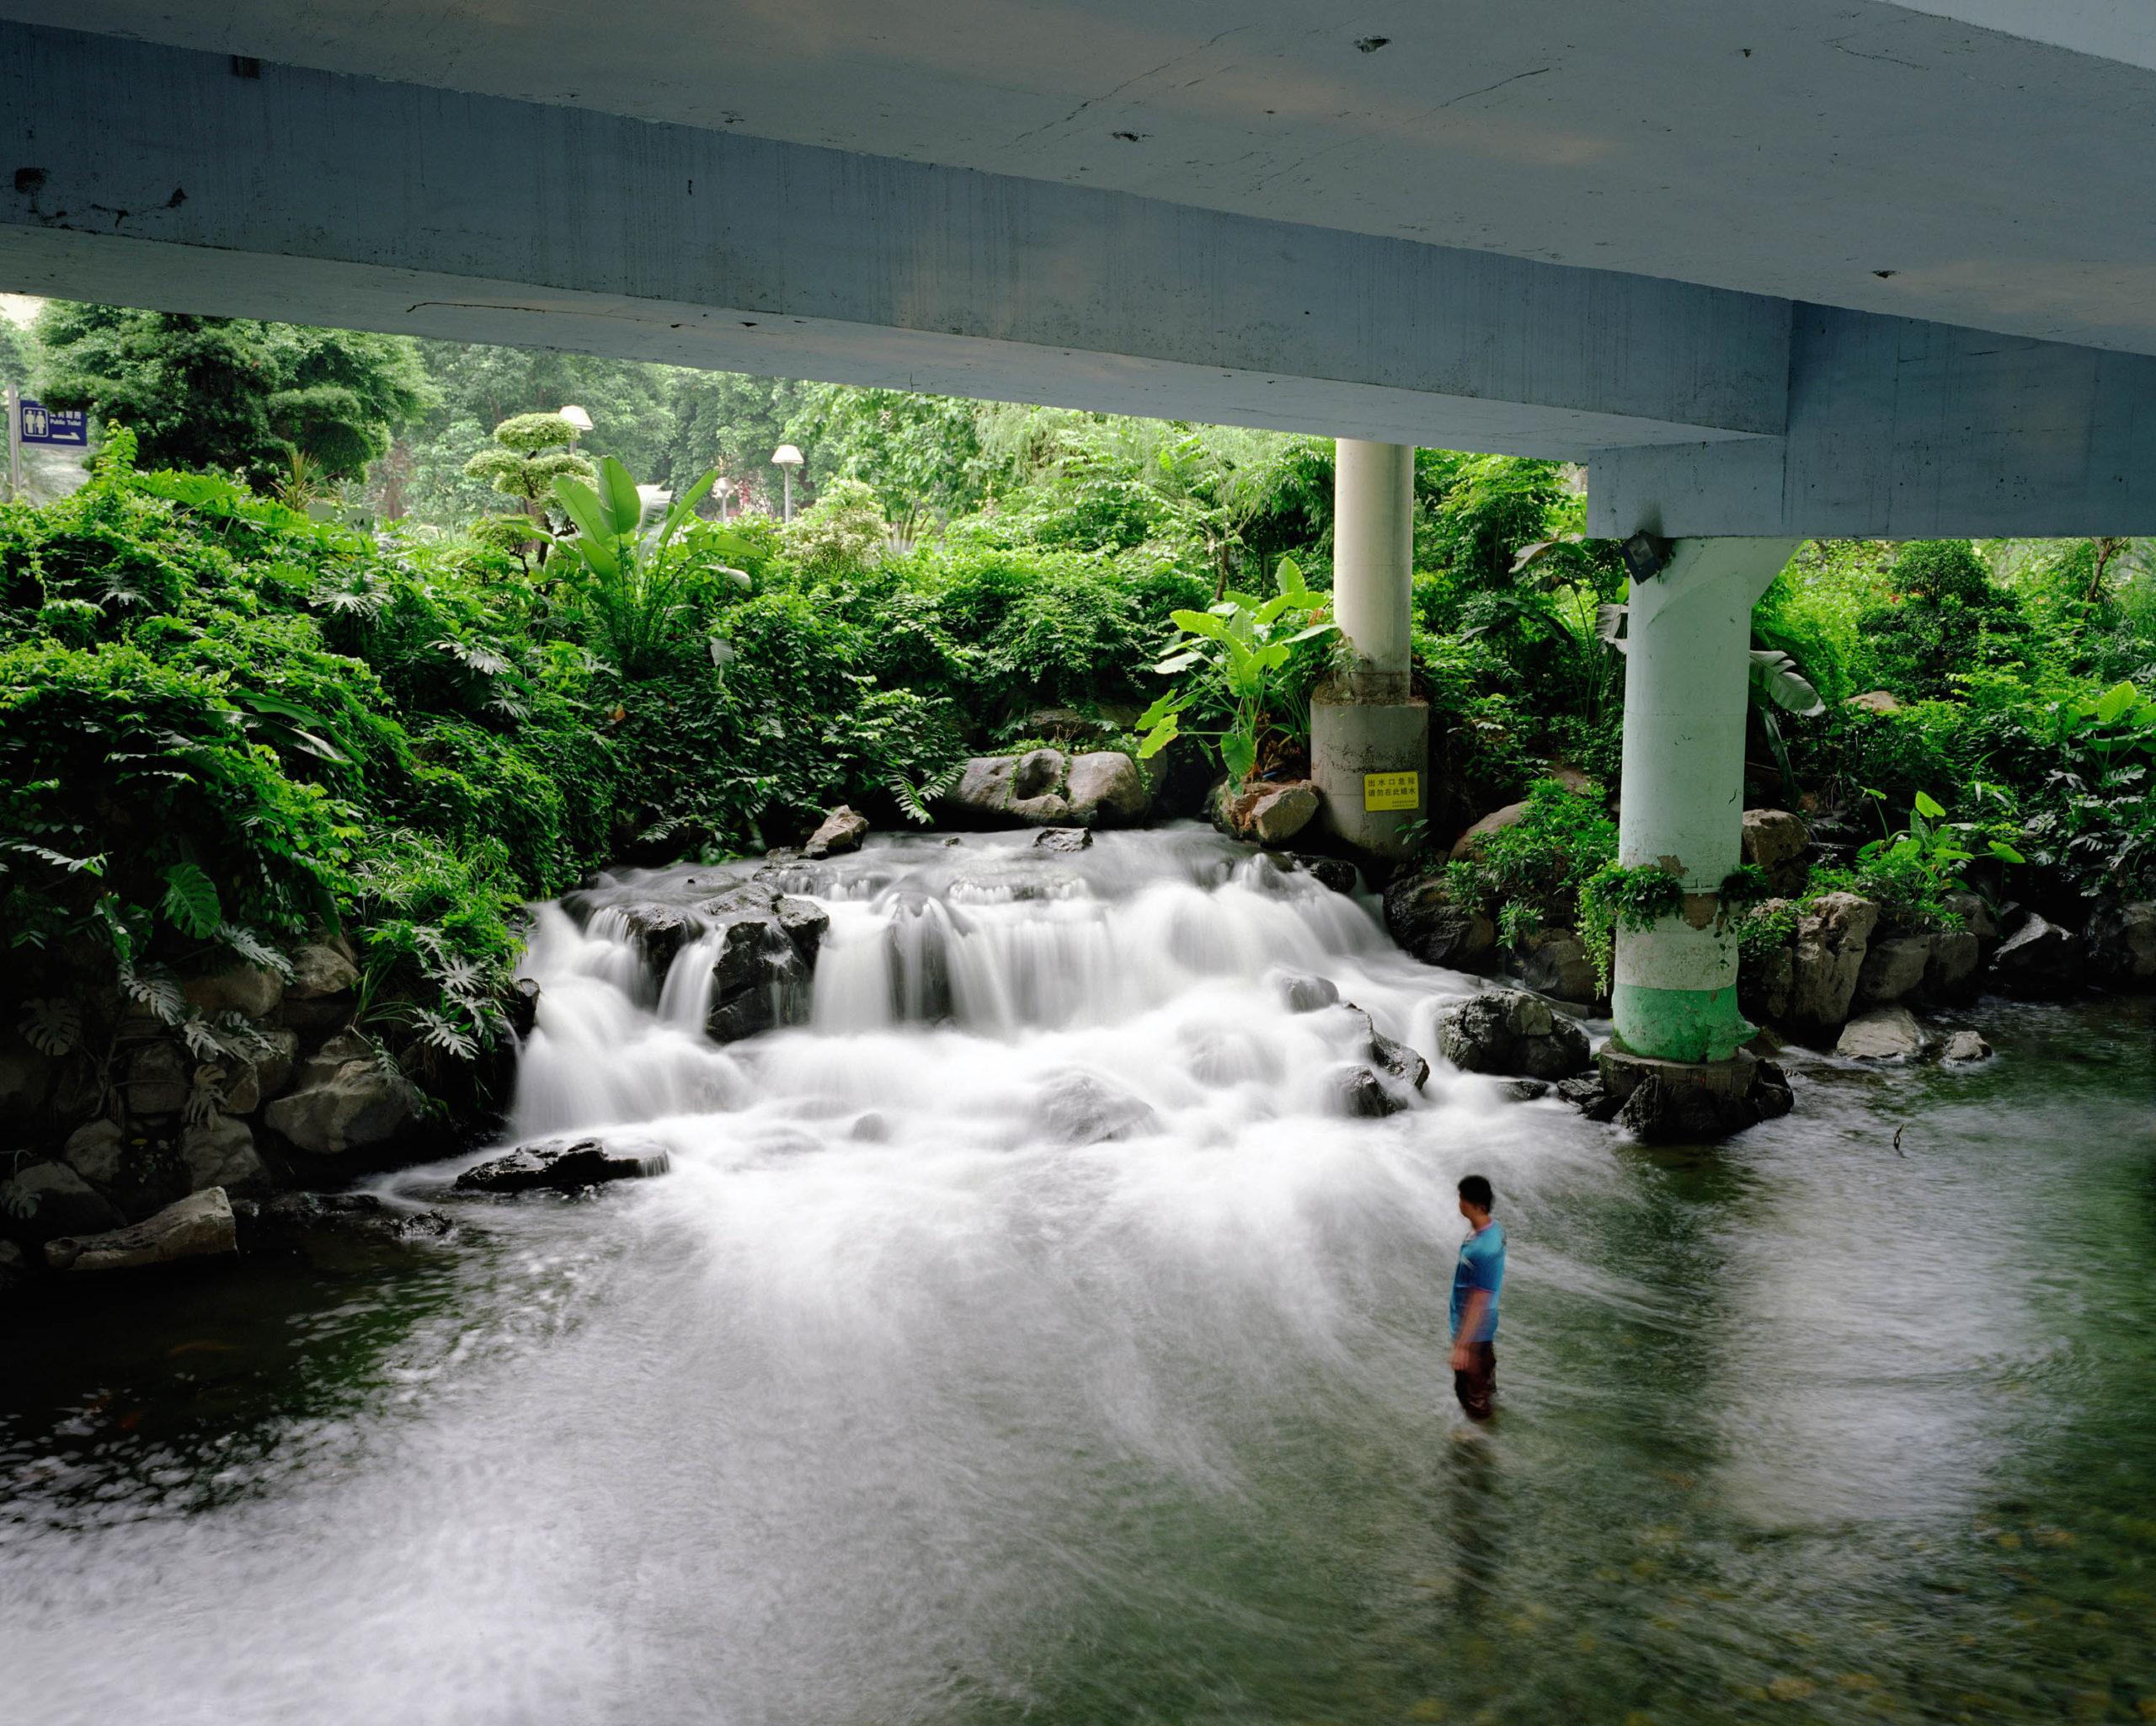 Dong Hao River, Yue Xiu District, Guangzhou, China